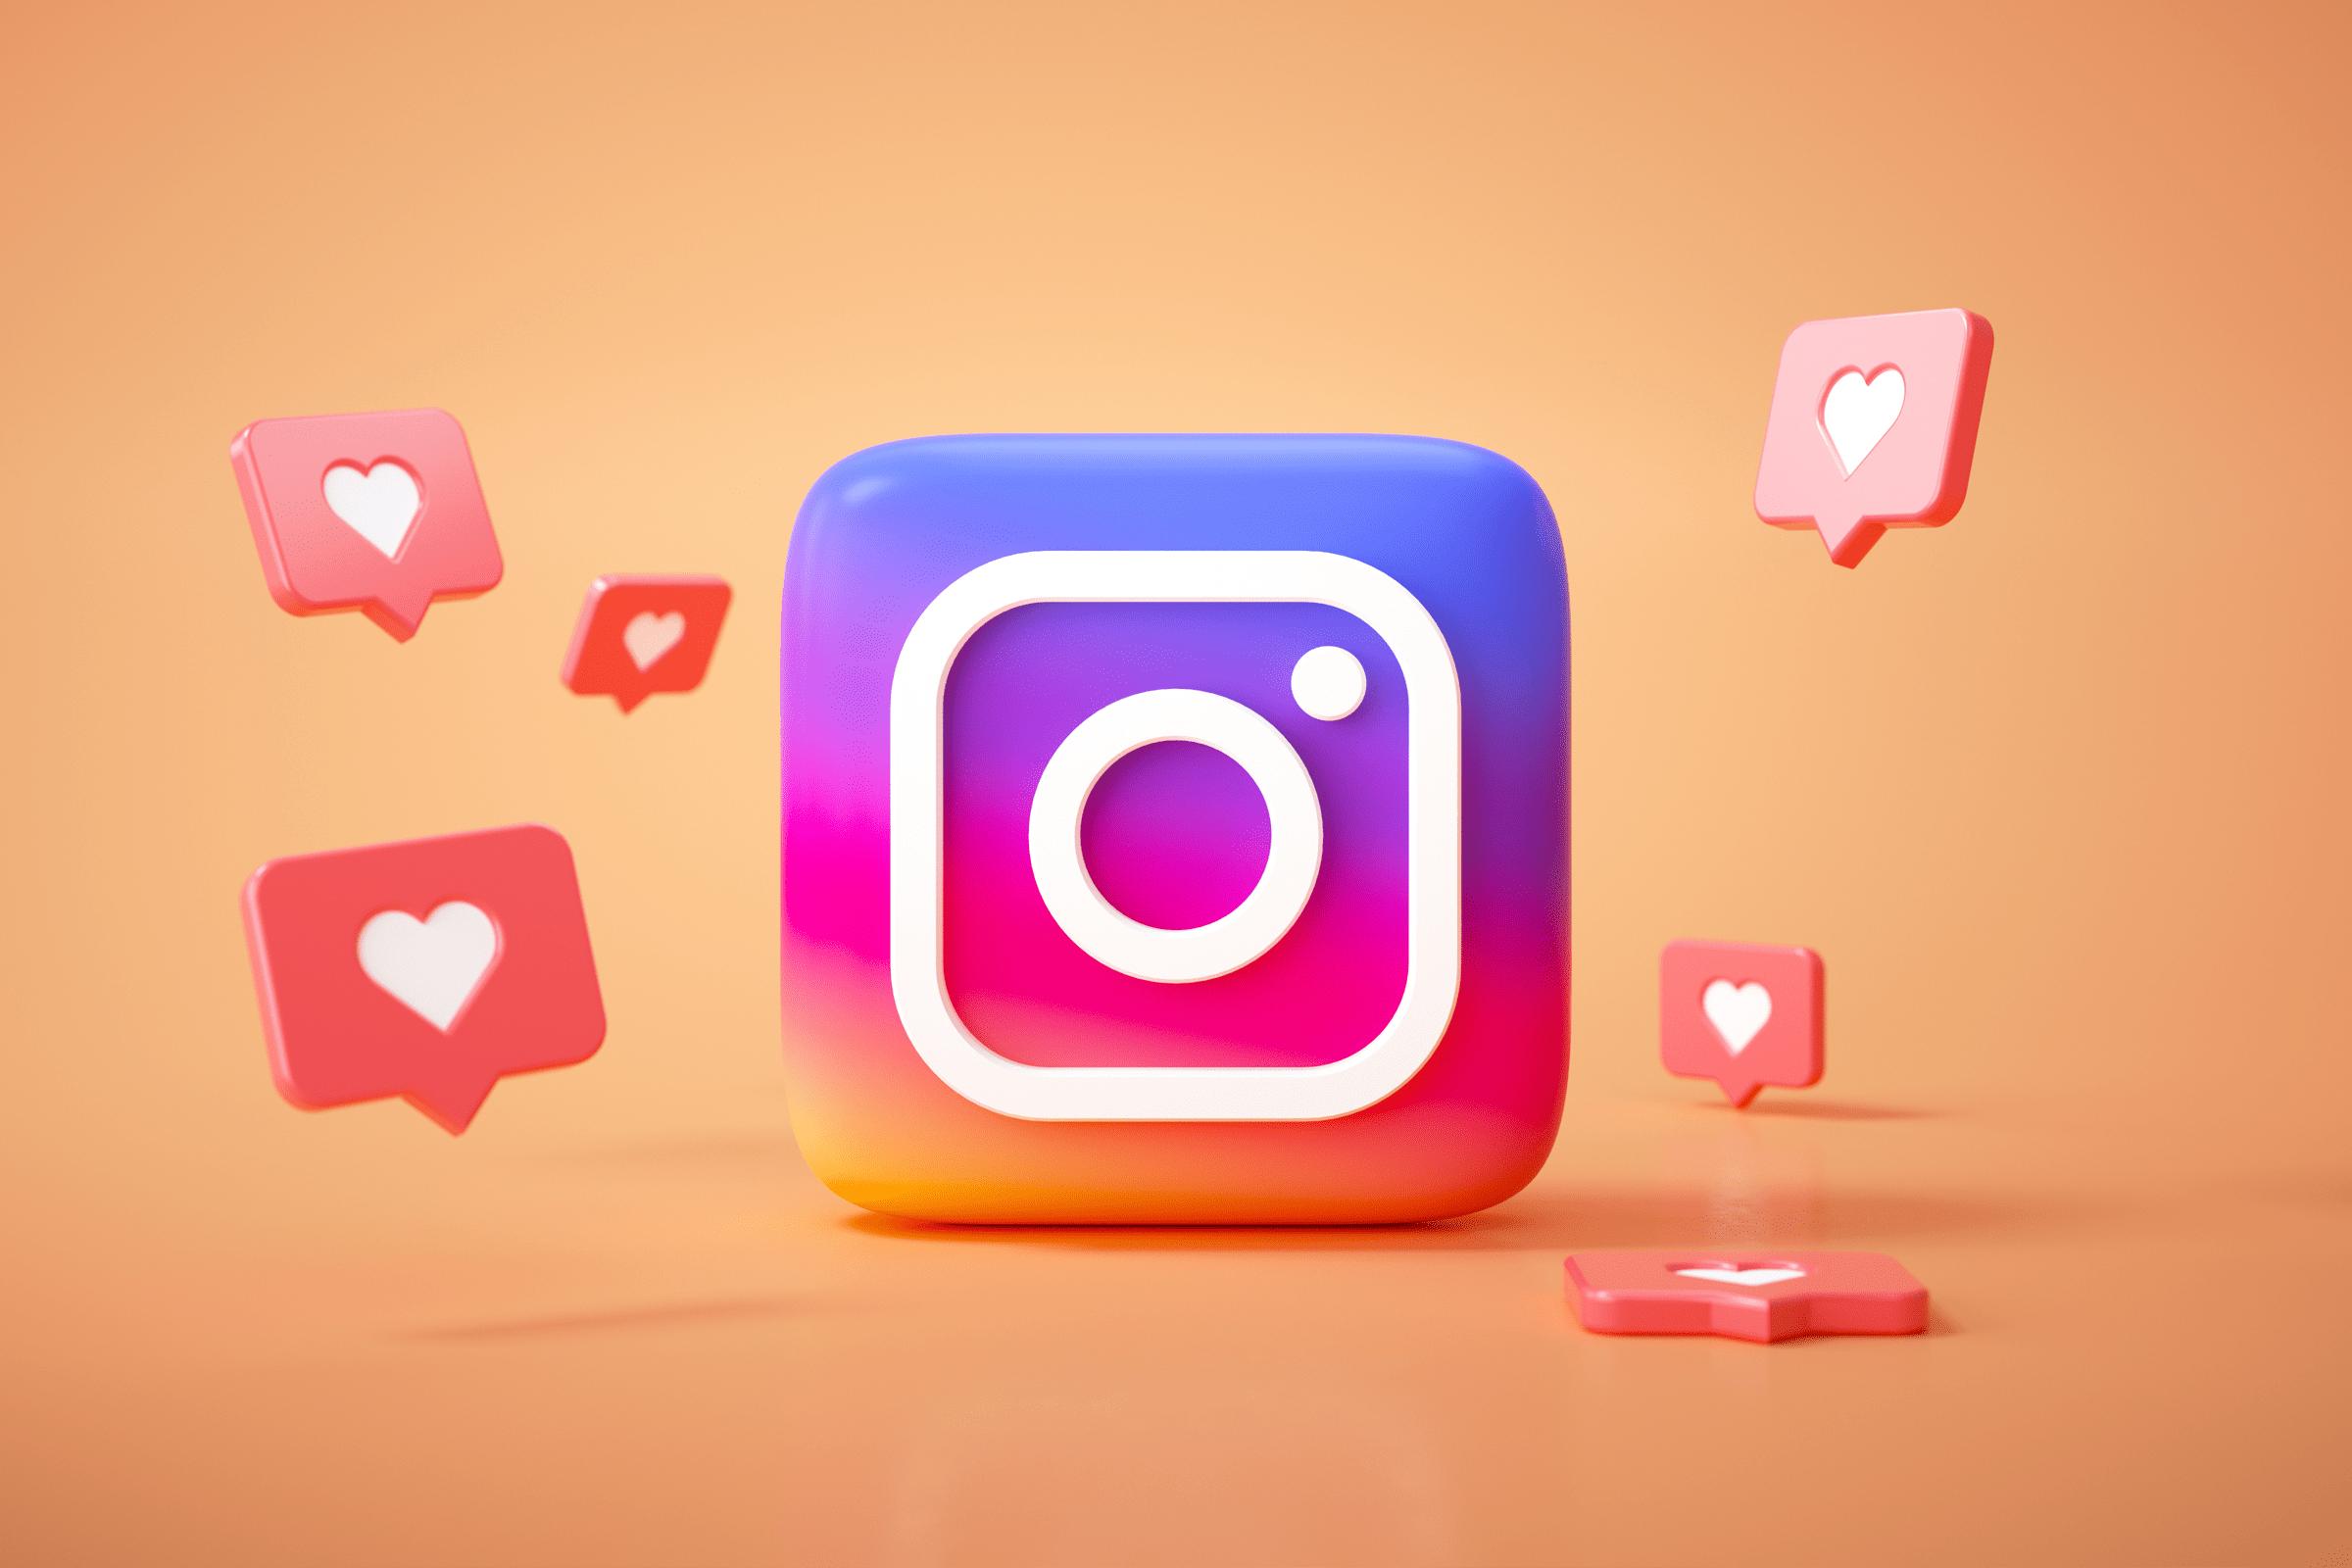 En İyi Instagram Pazarlama İpuçları (Gerçekten İşe Yarayan İpuçlar)